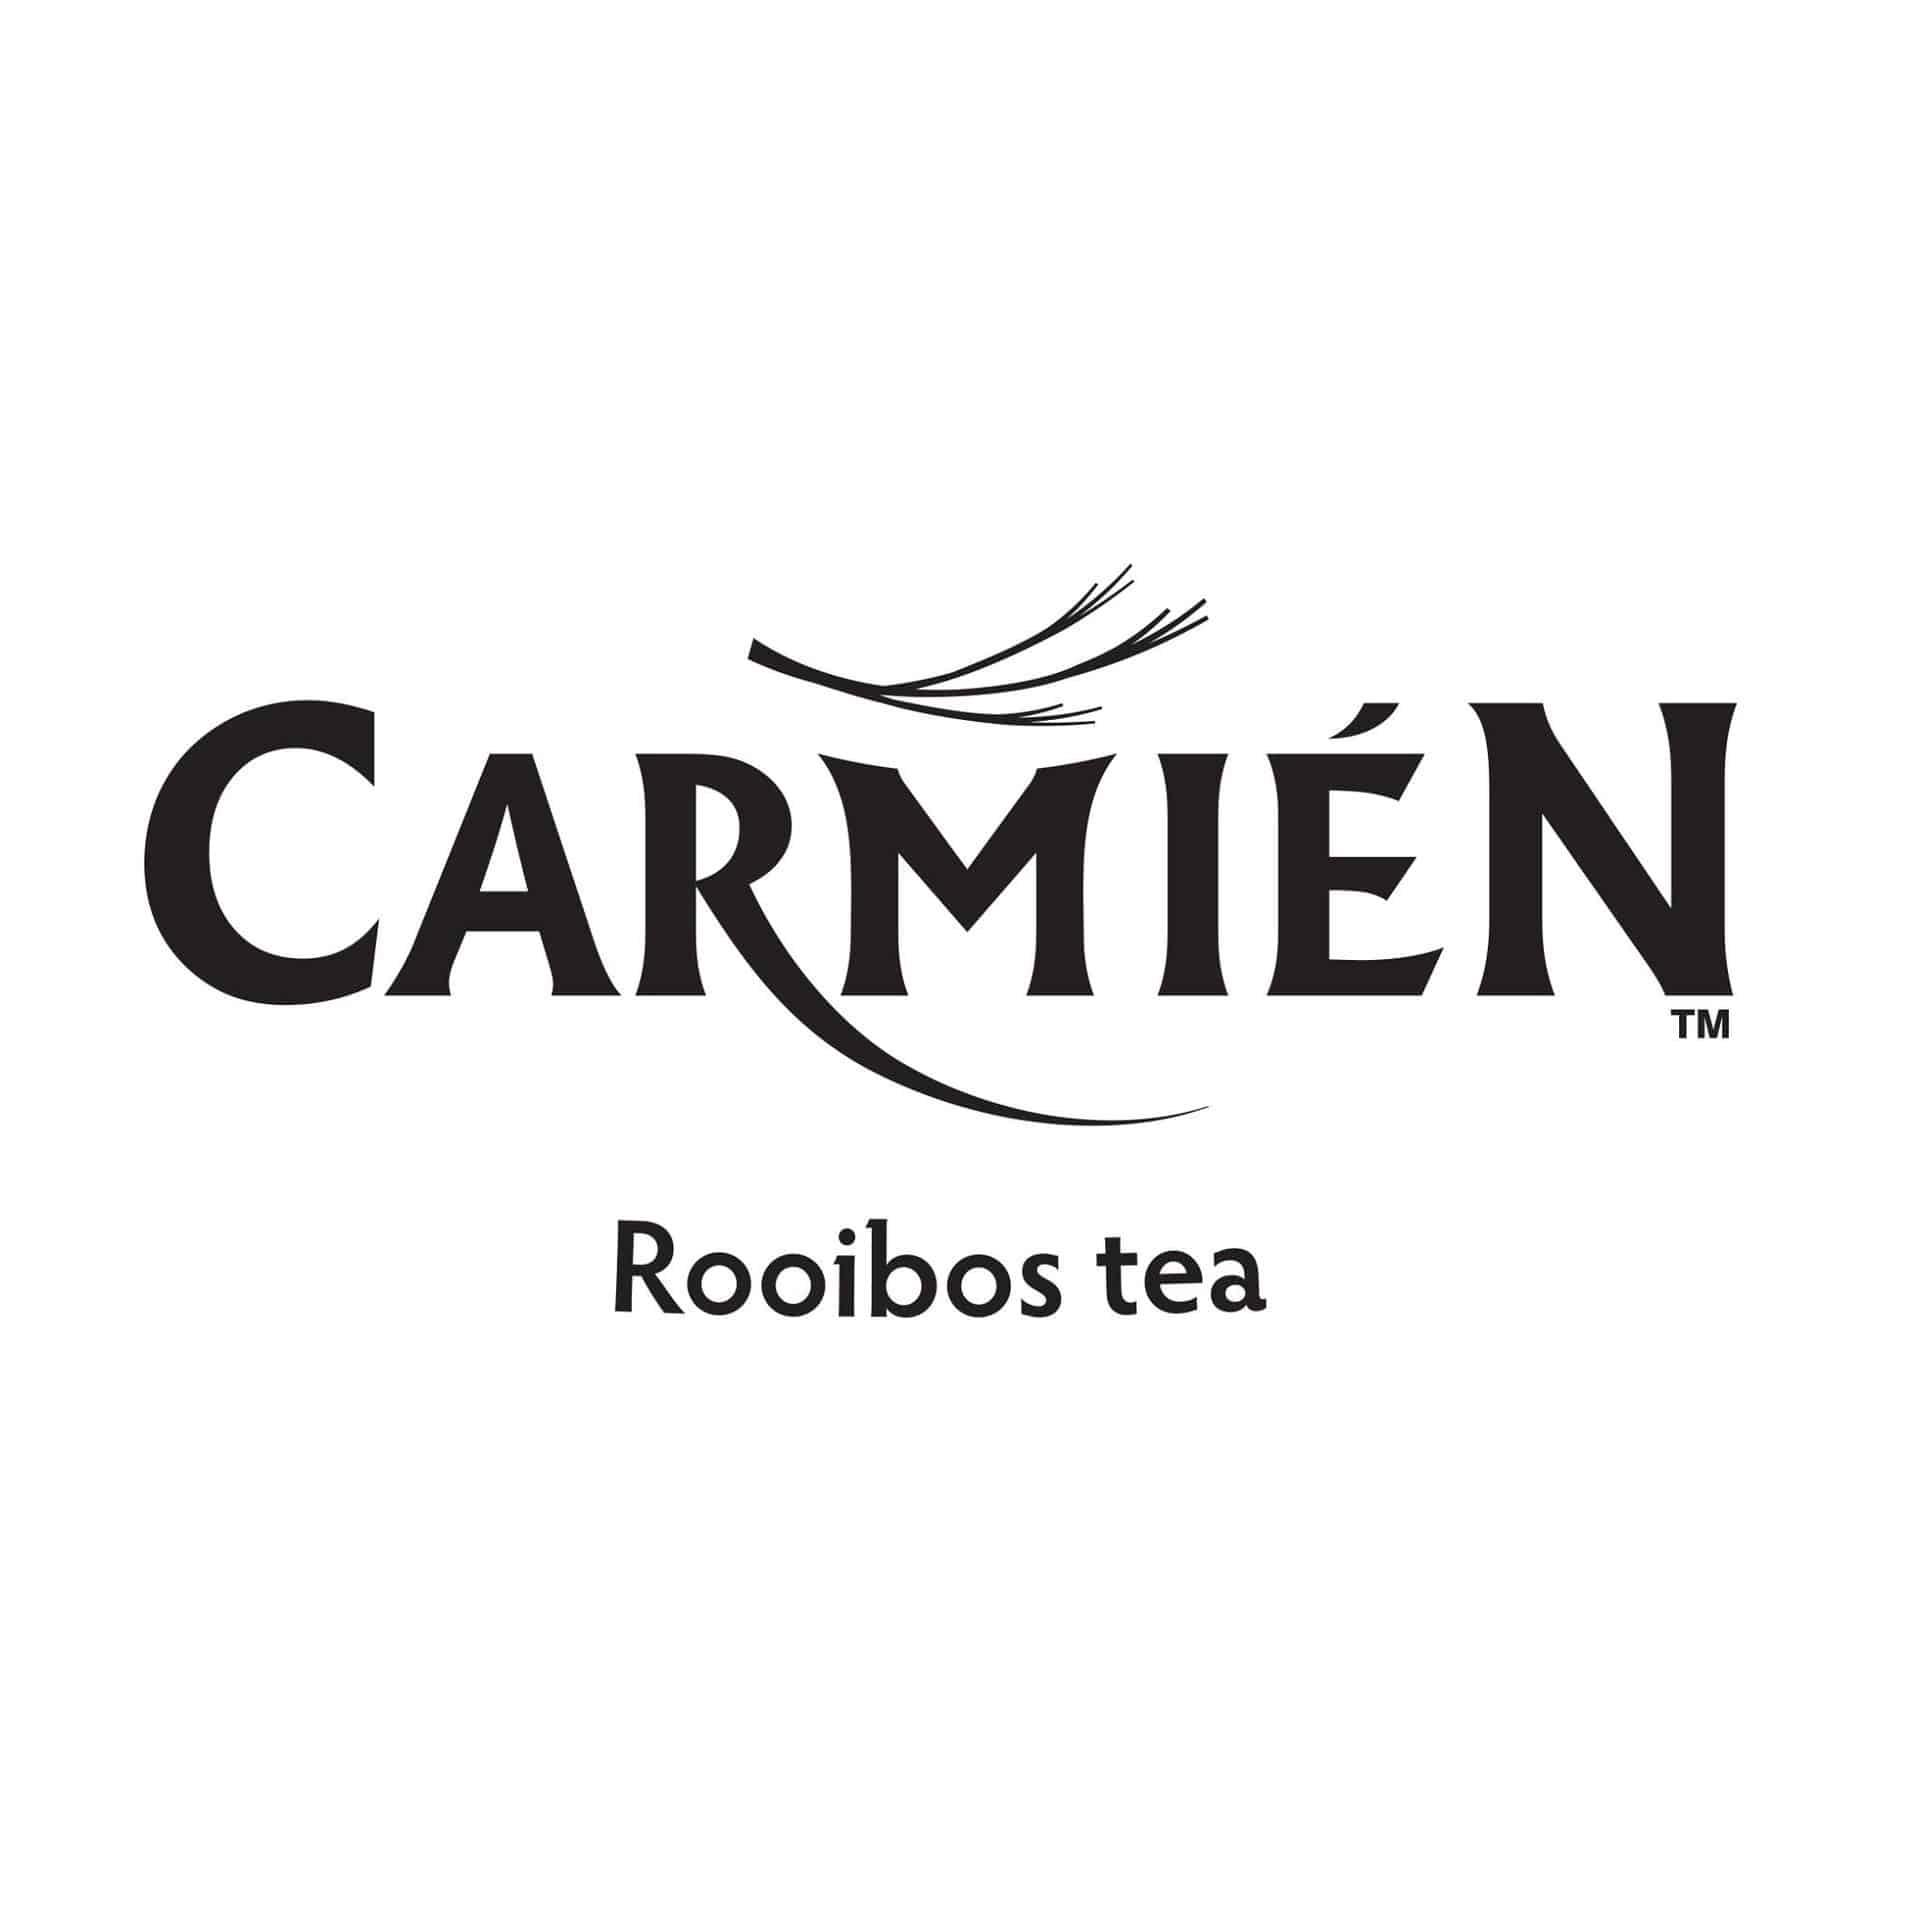 Carmién